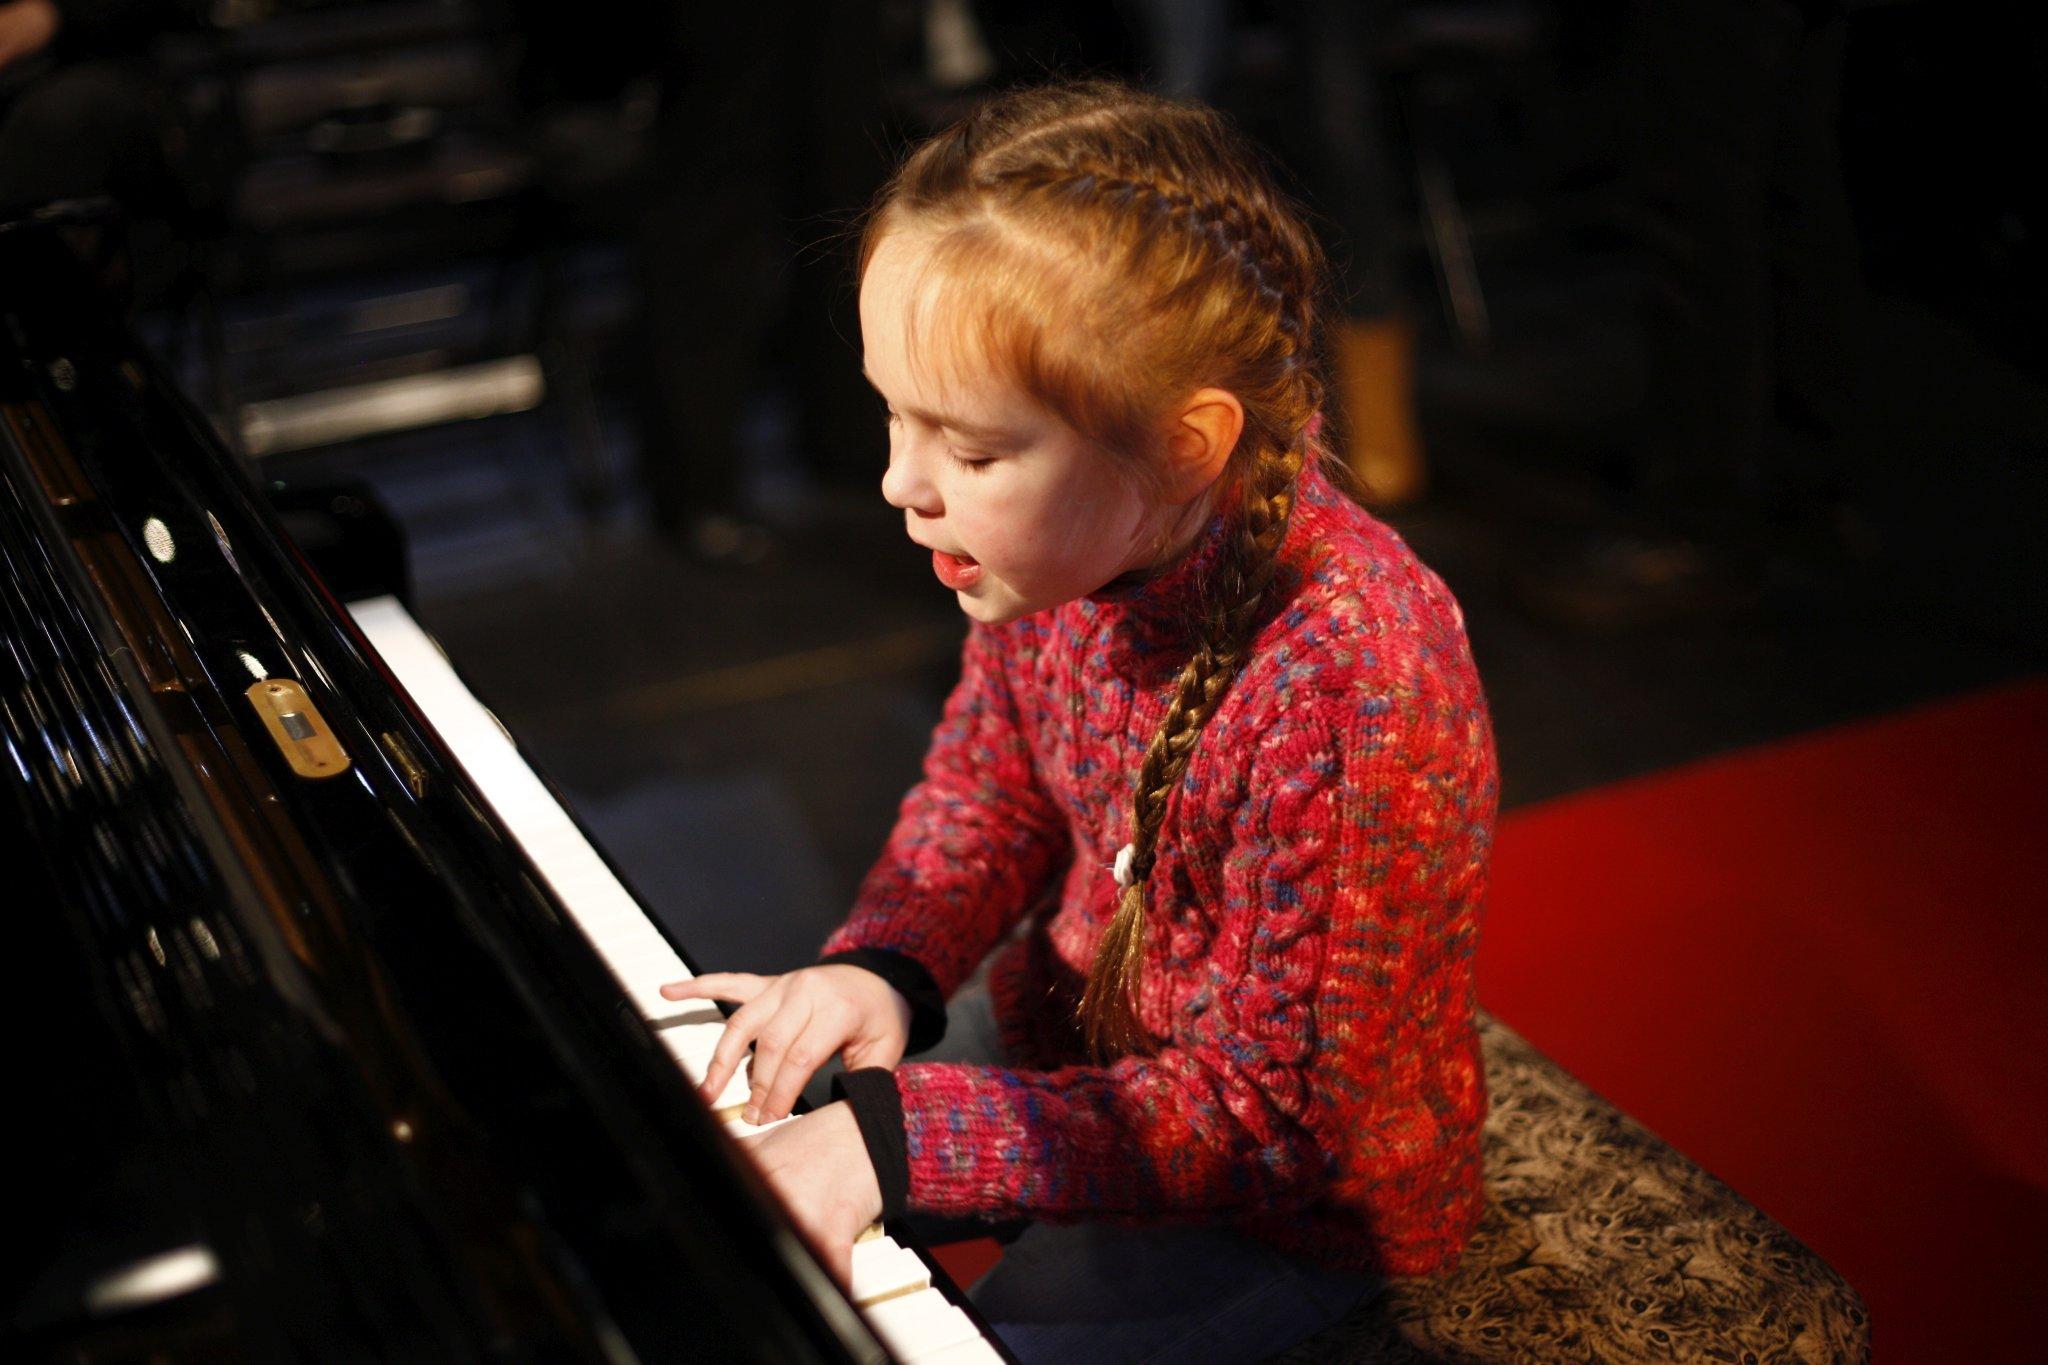 Malá talentovaná klavíristka Klára Gibišová při odpolední zvukové zkoušce – SJK 23. 1. 2019